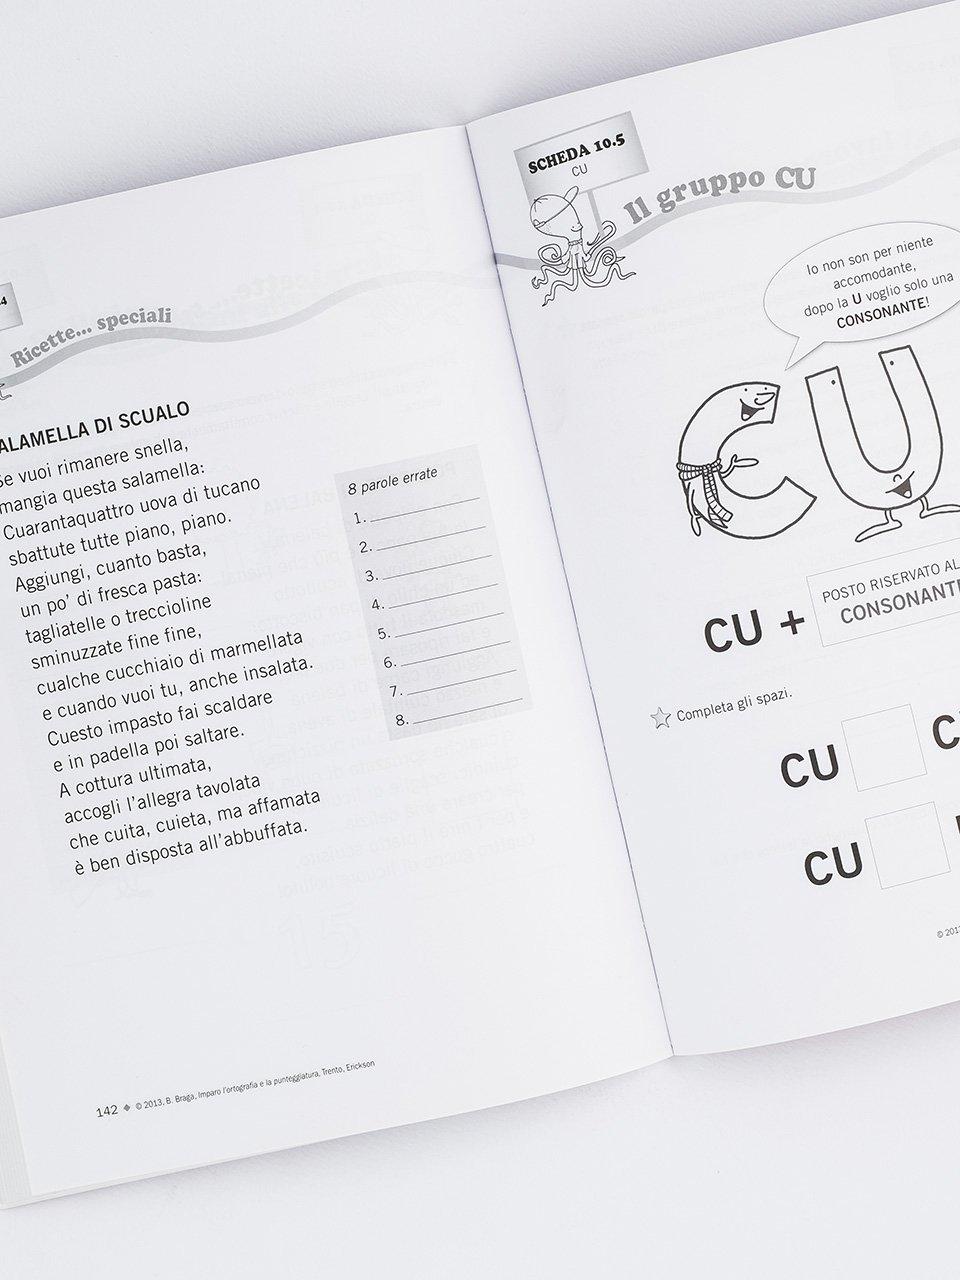 Imparo l'ortografia e la punteggiatura - Libri - Erickson 2